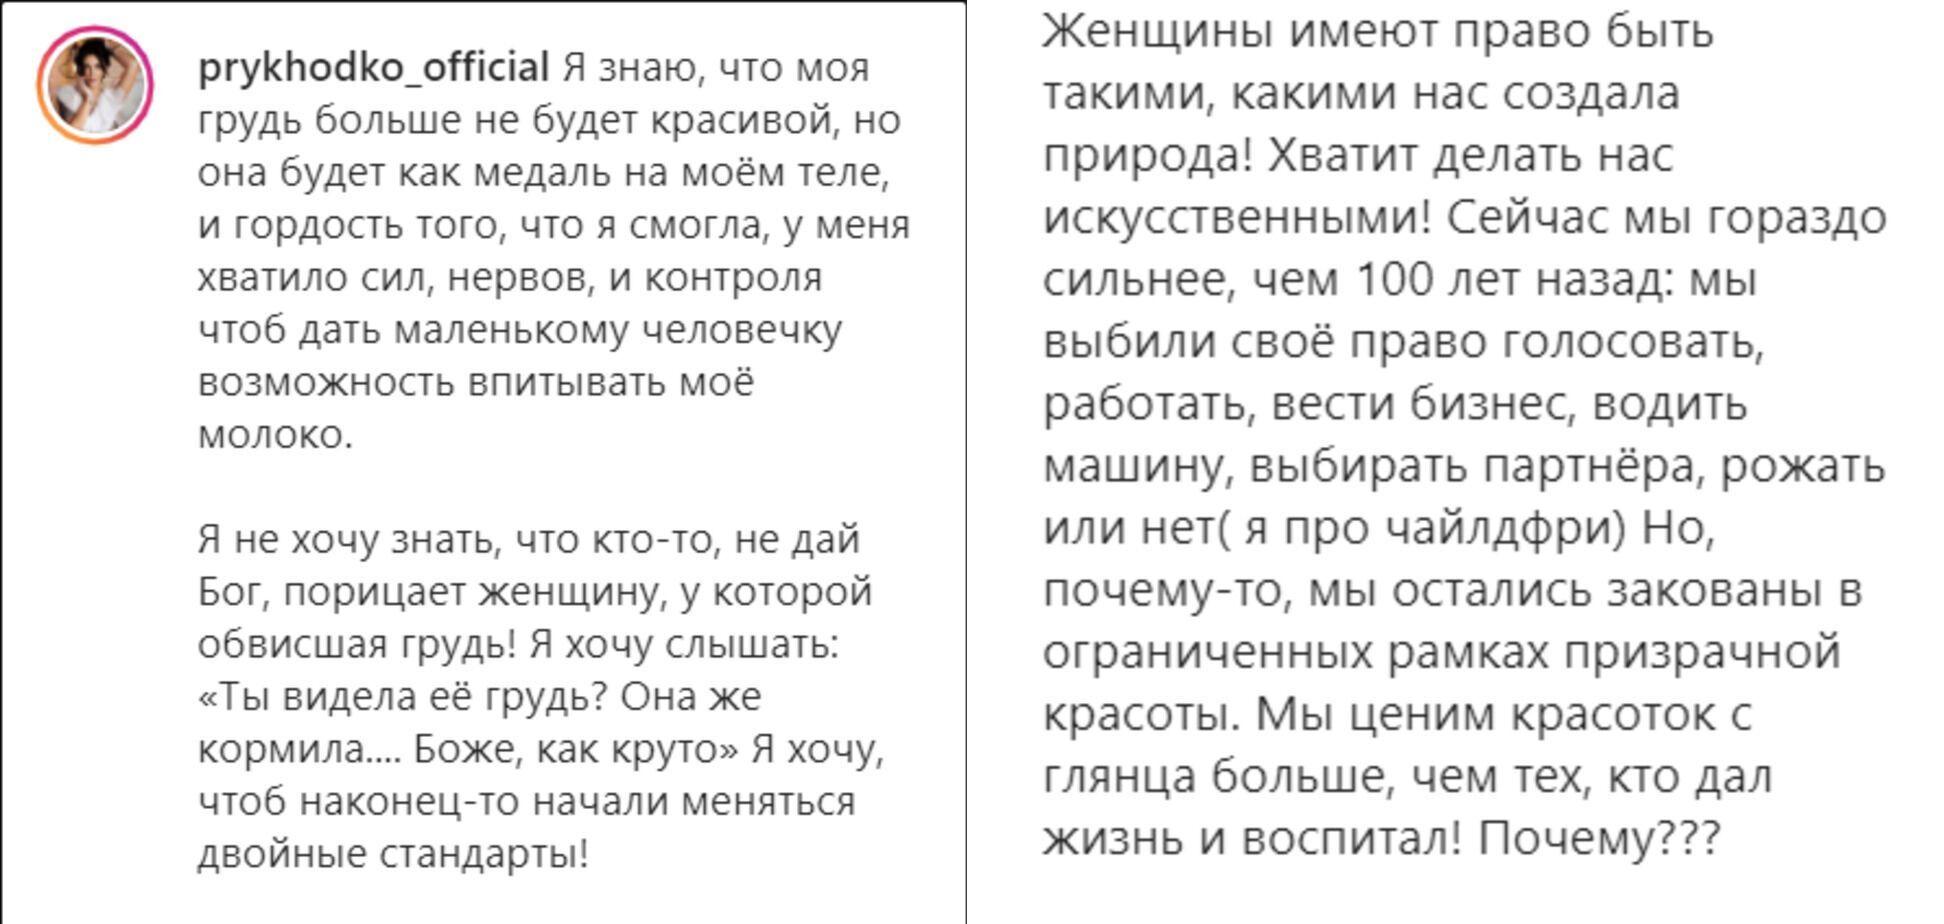 Публікація Анастасії Приходько